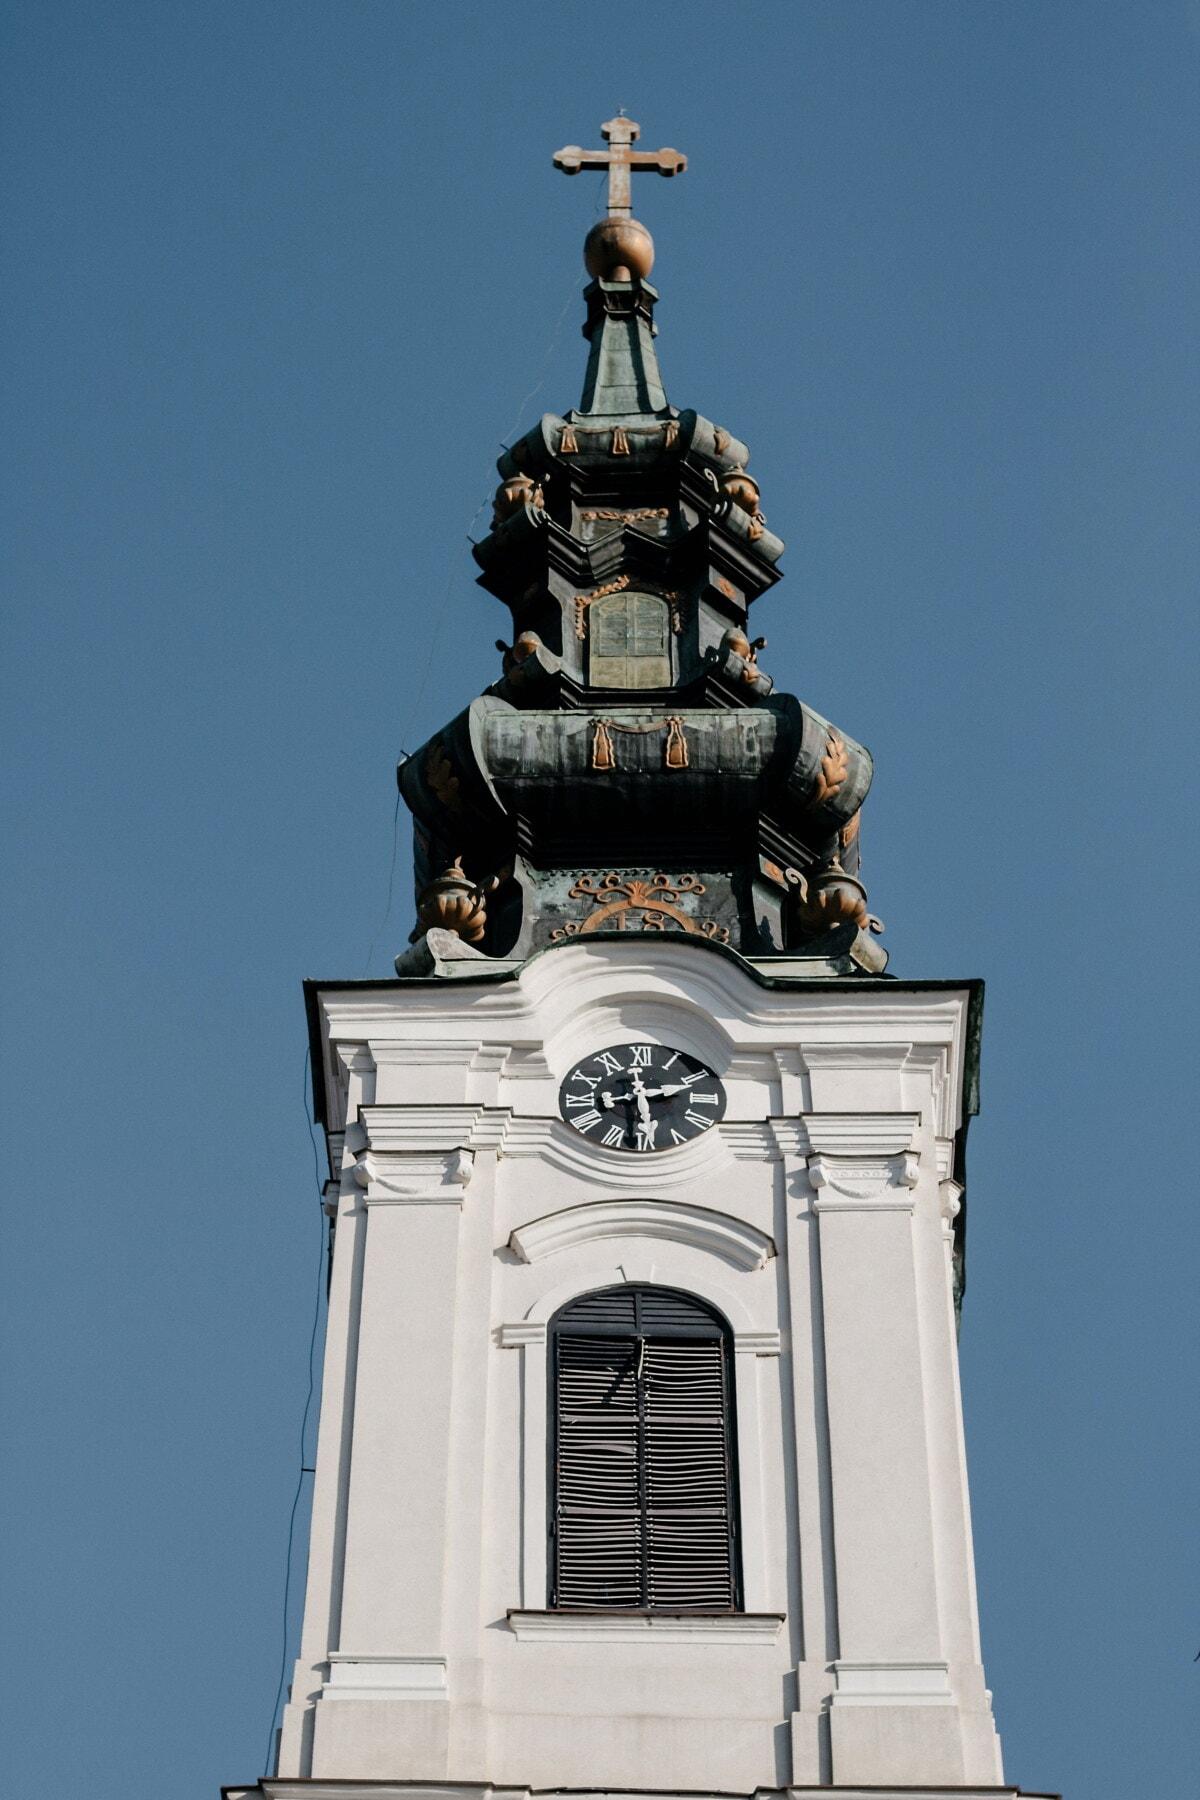 bijeli crkveni toranj, Bačka Palanka, pravoslavlje, barok, Vizantija, zgrada, arhitektura, pokrivanje, toranj, crkva